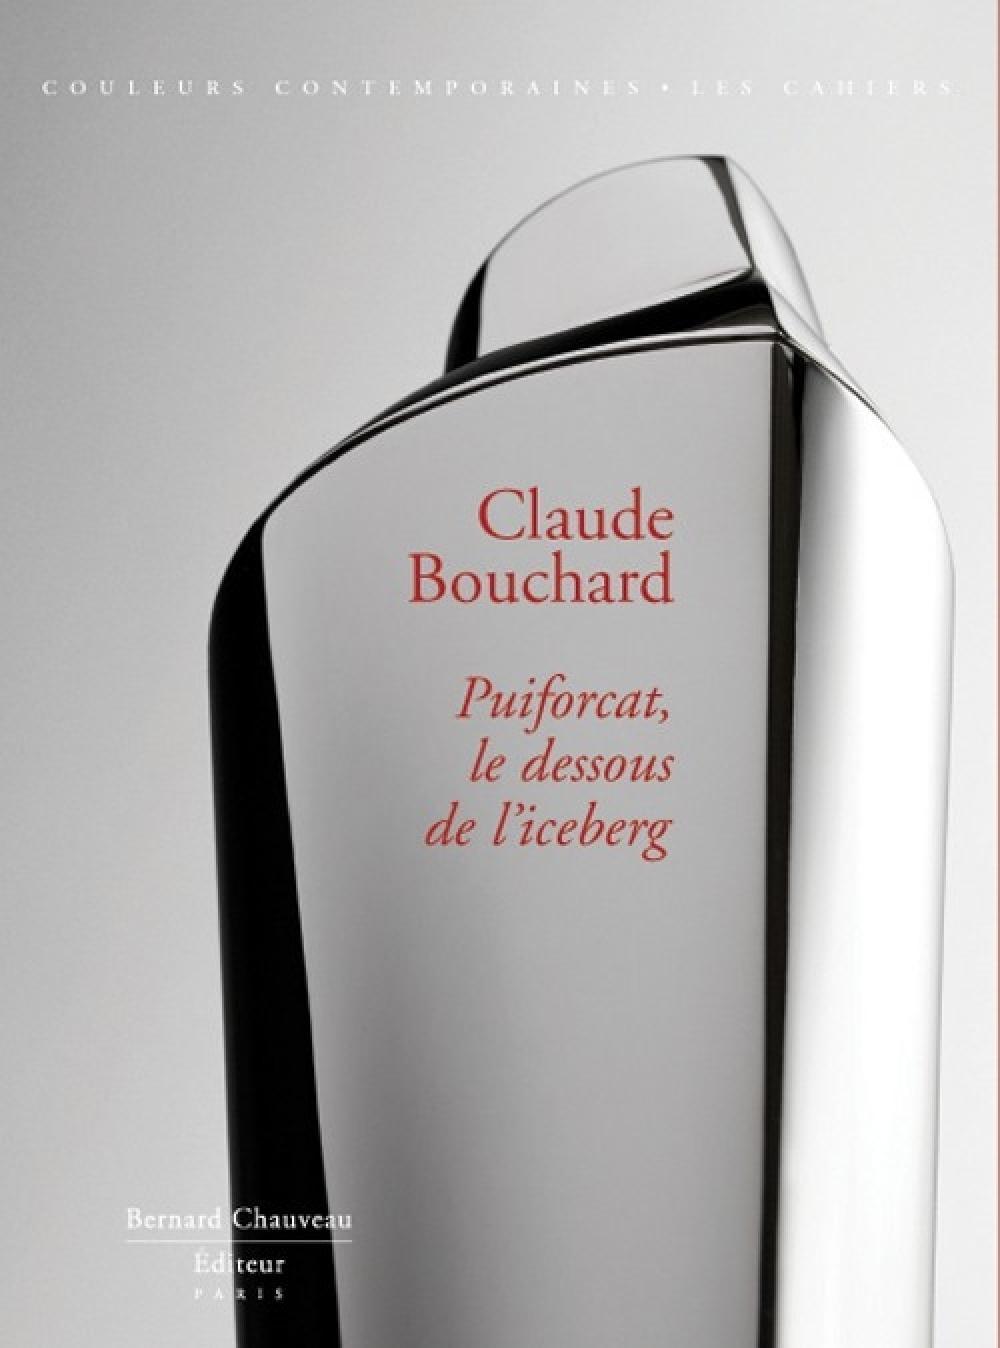 Claude Bouchard - Puiforcat, le dessous de l'iceberg